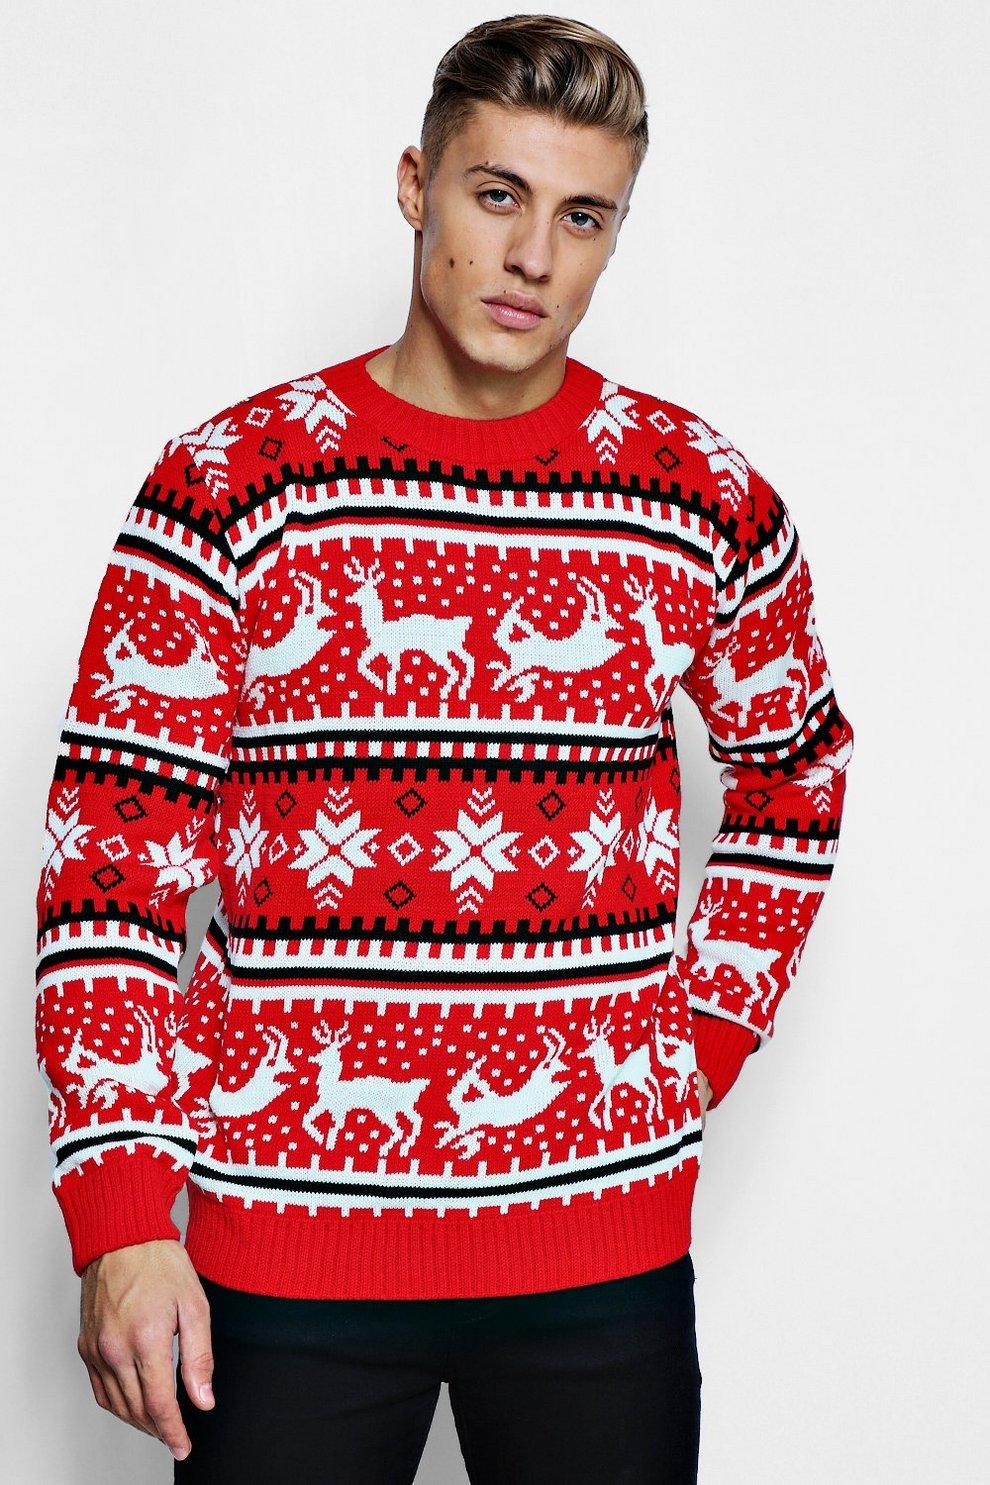 finest selection 957ac 0b781 Maglione natalizio con renne in stile Fair Isle